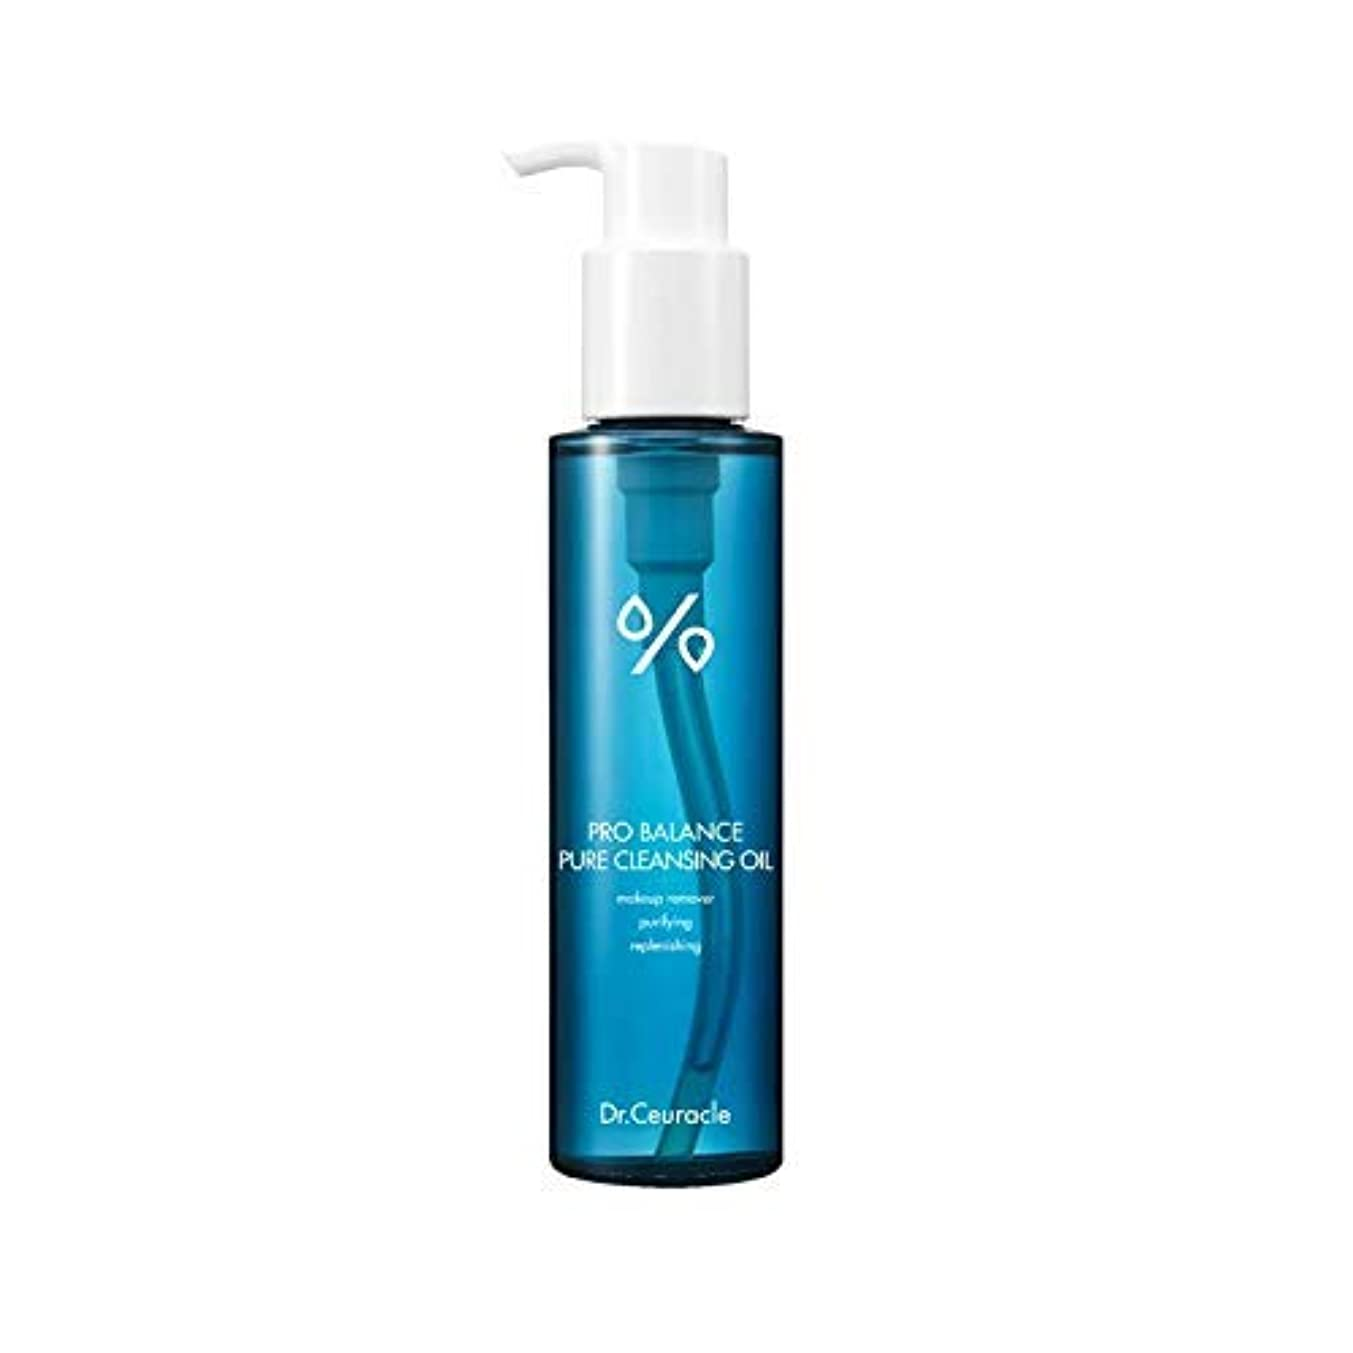 役員コート宿題Dr.Ceuracle[ドクター·シュラクル] プロ バランス ピュア クレンジング オイル/Pro Balance Pure Cleansing Oil (155ml) [並行輸入品]